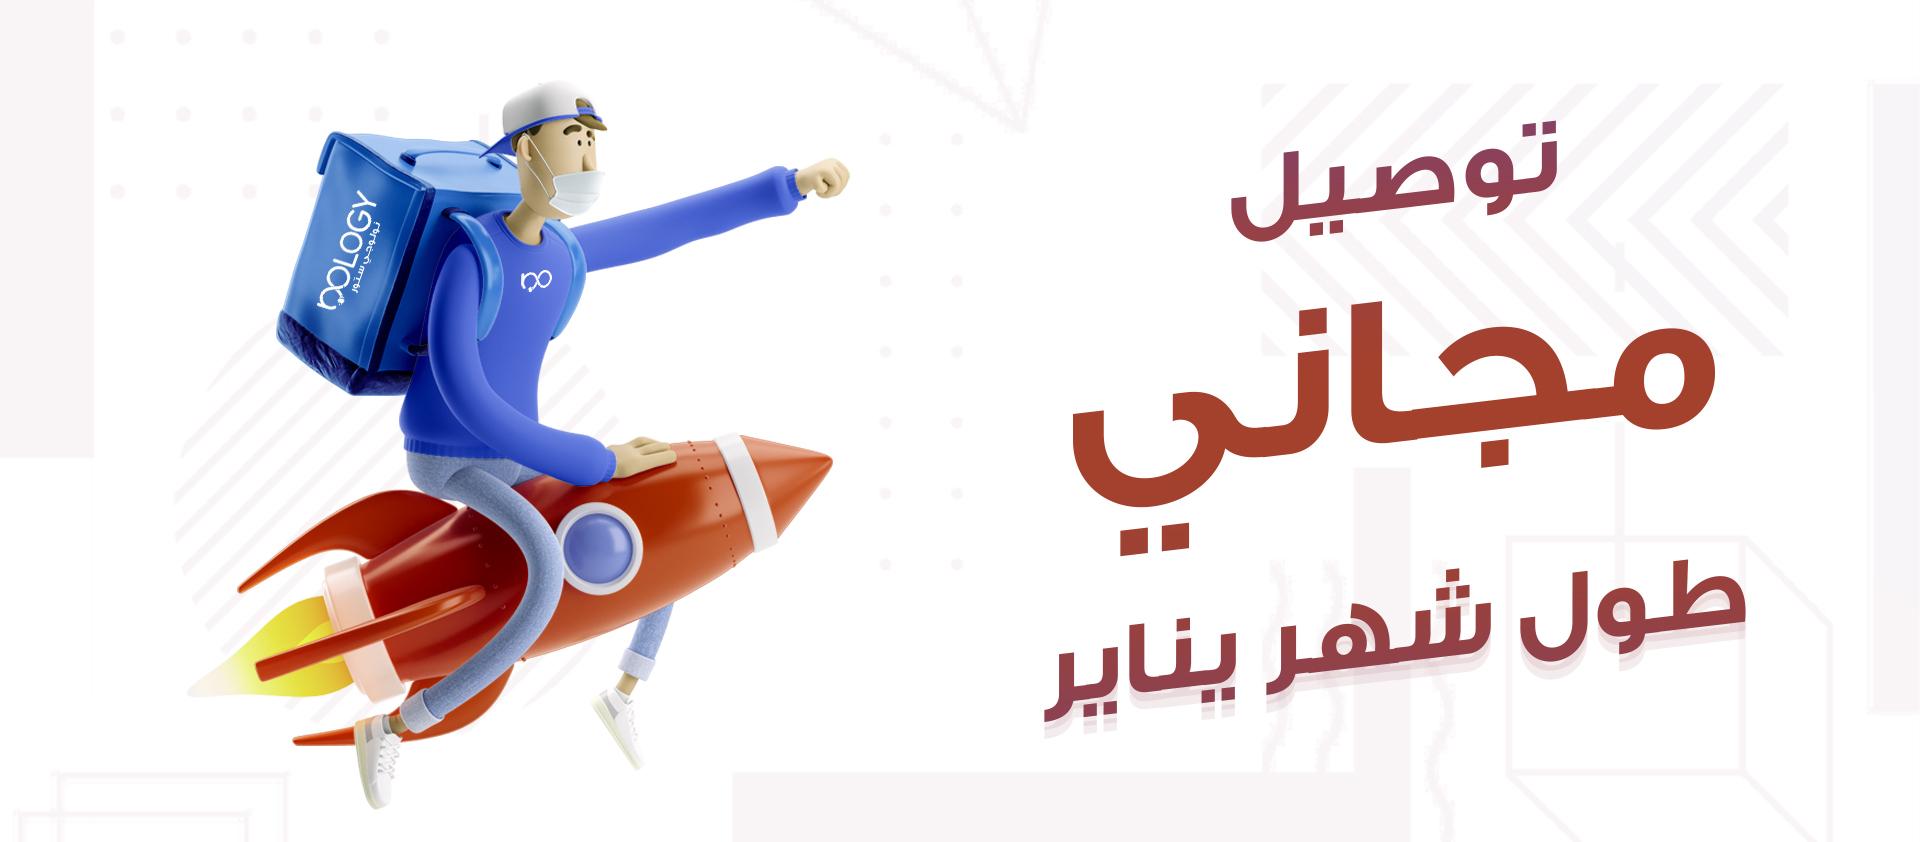 Best electronics e-commerce in Qatar